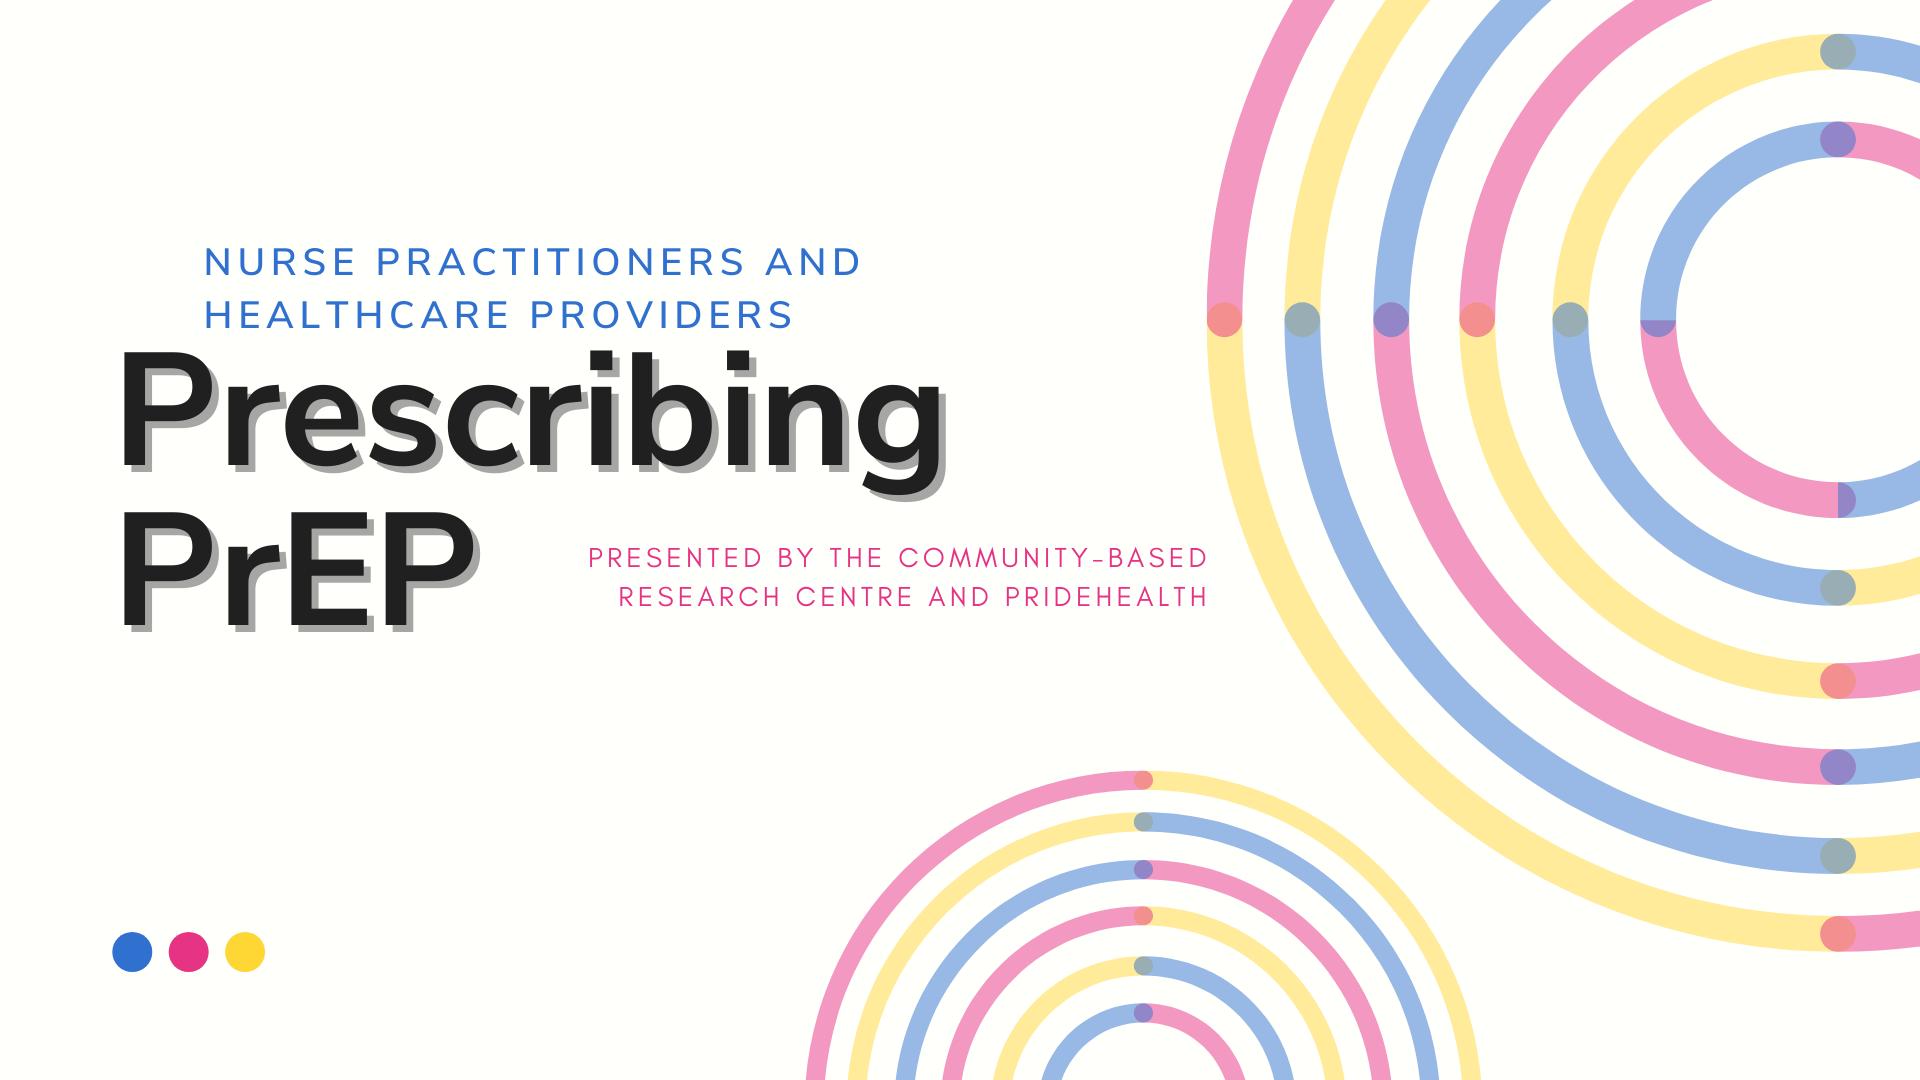 Prescribing PrEP - Nurse Practitioners & Healthcare Providers